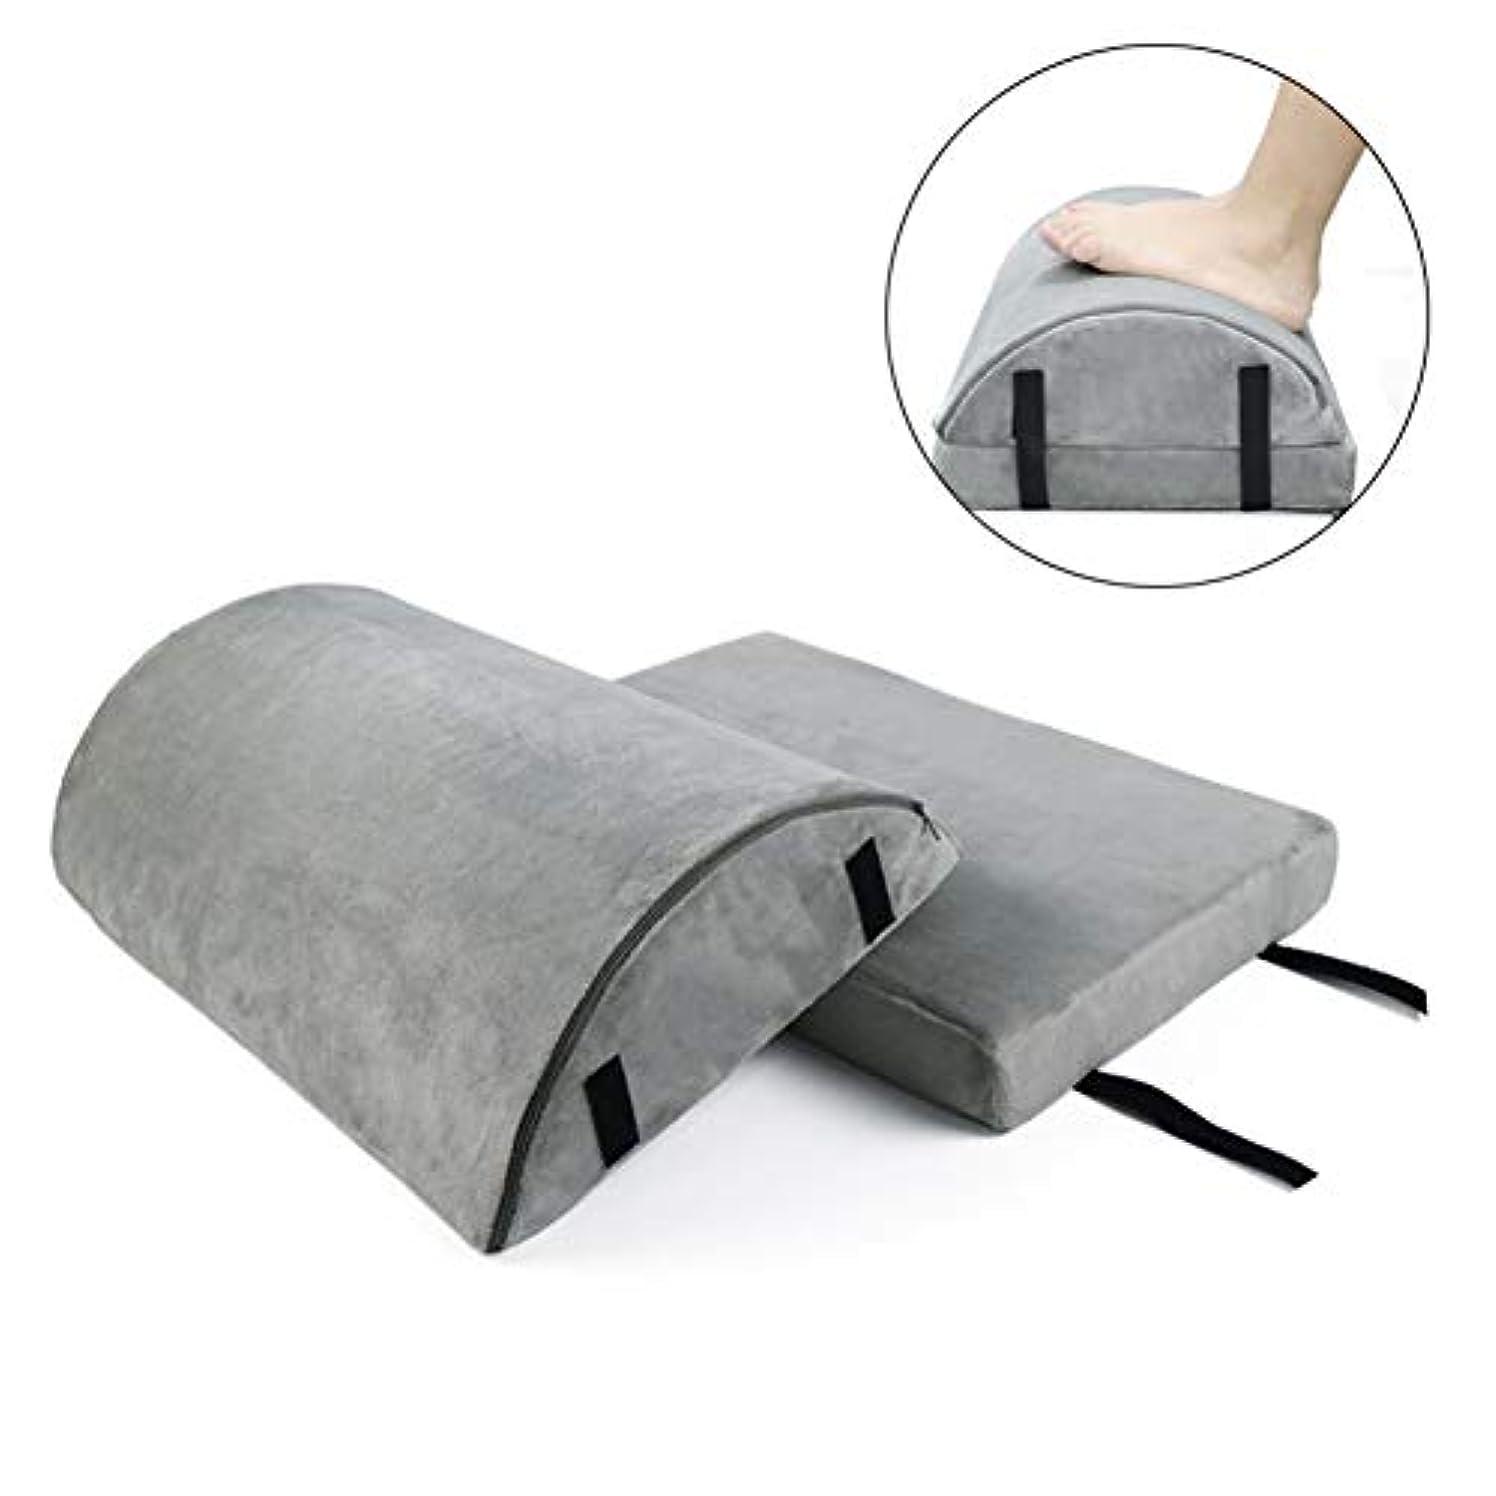 バナー胚限定ハーフムーン枕、二重層、取り外し可能/洗えるコットンカバー、滑り止め、マッサージ、フットパッド、女性および男性用